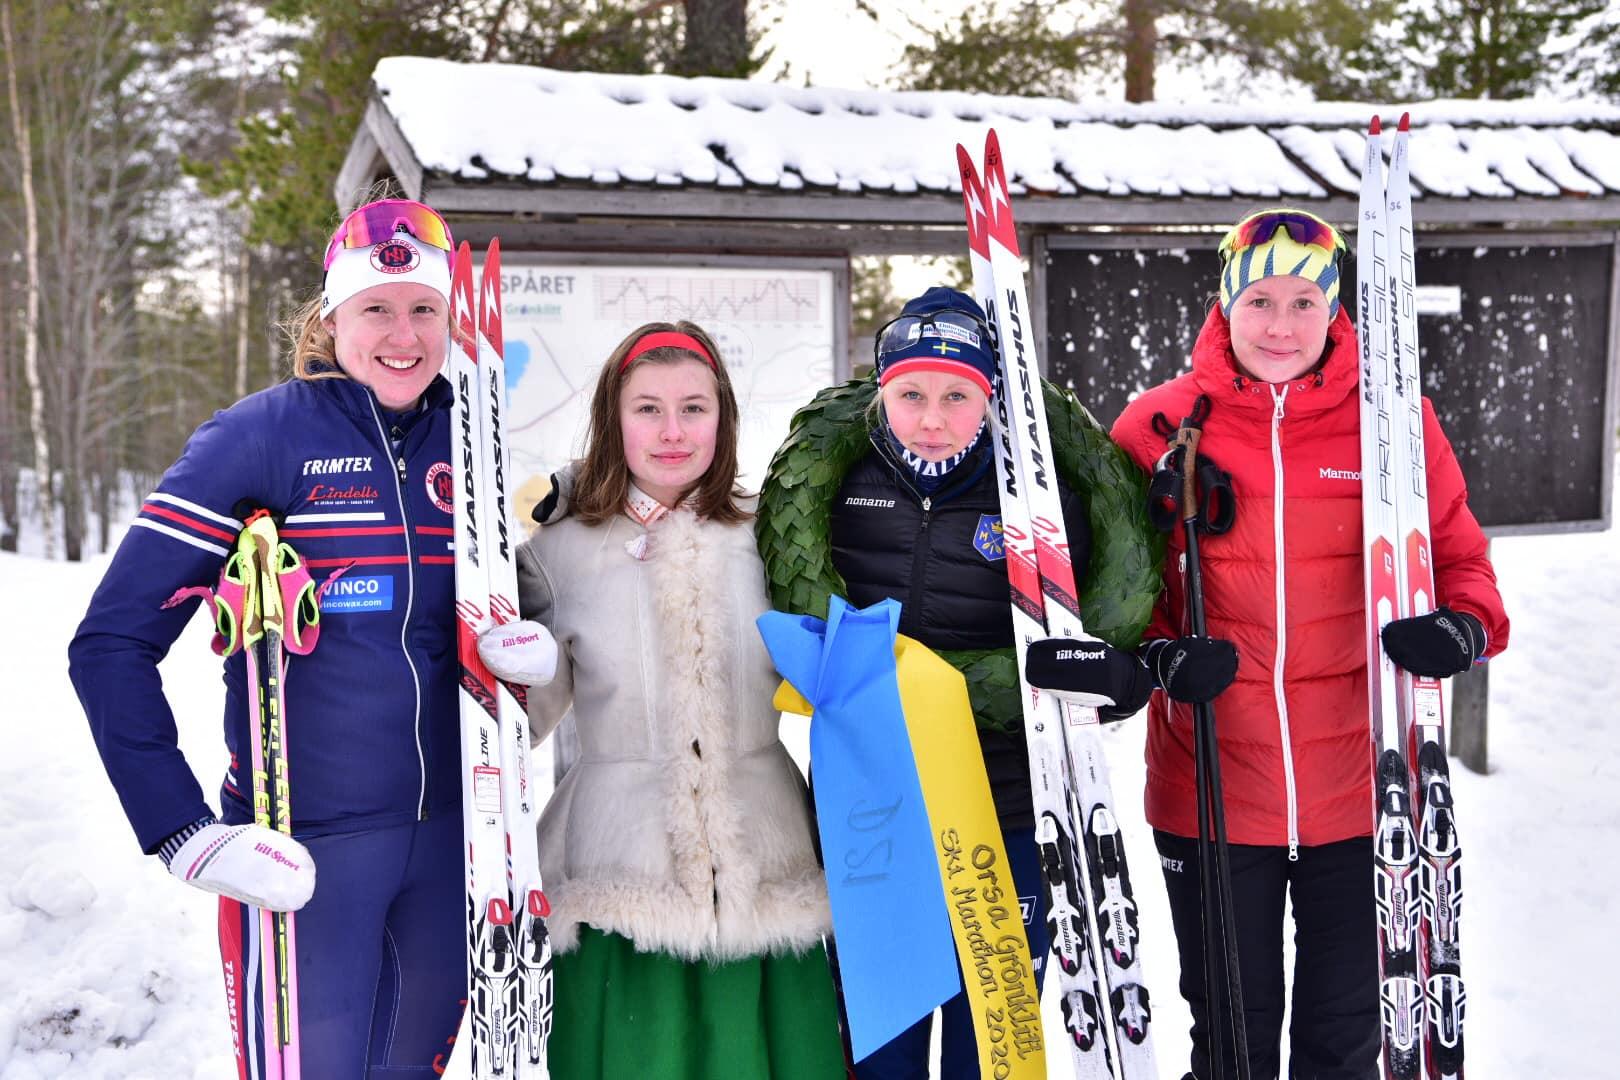 Topp tre i damklassen: Trean Olivia Hansson, Karlslunds IF SF, kranskullan Fanny Sundin, ettan Sandra Olsson, Malungs IF och tvåan Emma Bergström, Kalix SK. FOTO: Magnus Caris.